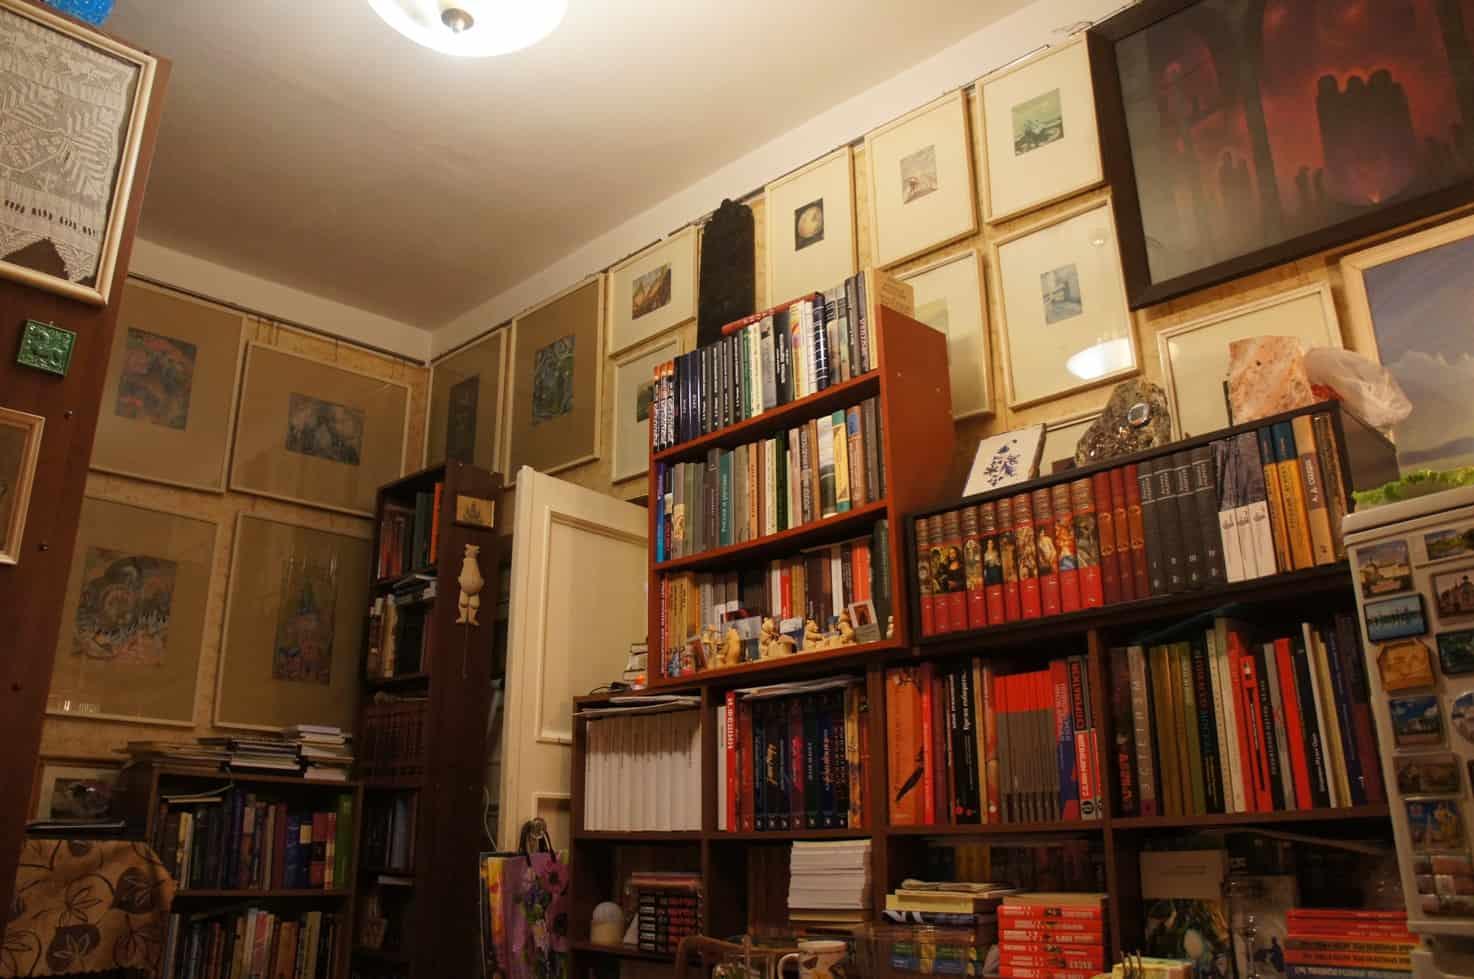 Квартира-музей Ю..Линника. Комната с картинами А. Сардана, С. Шиголева, Б. Смирнова-Русецкого